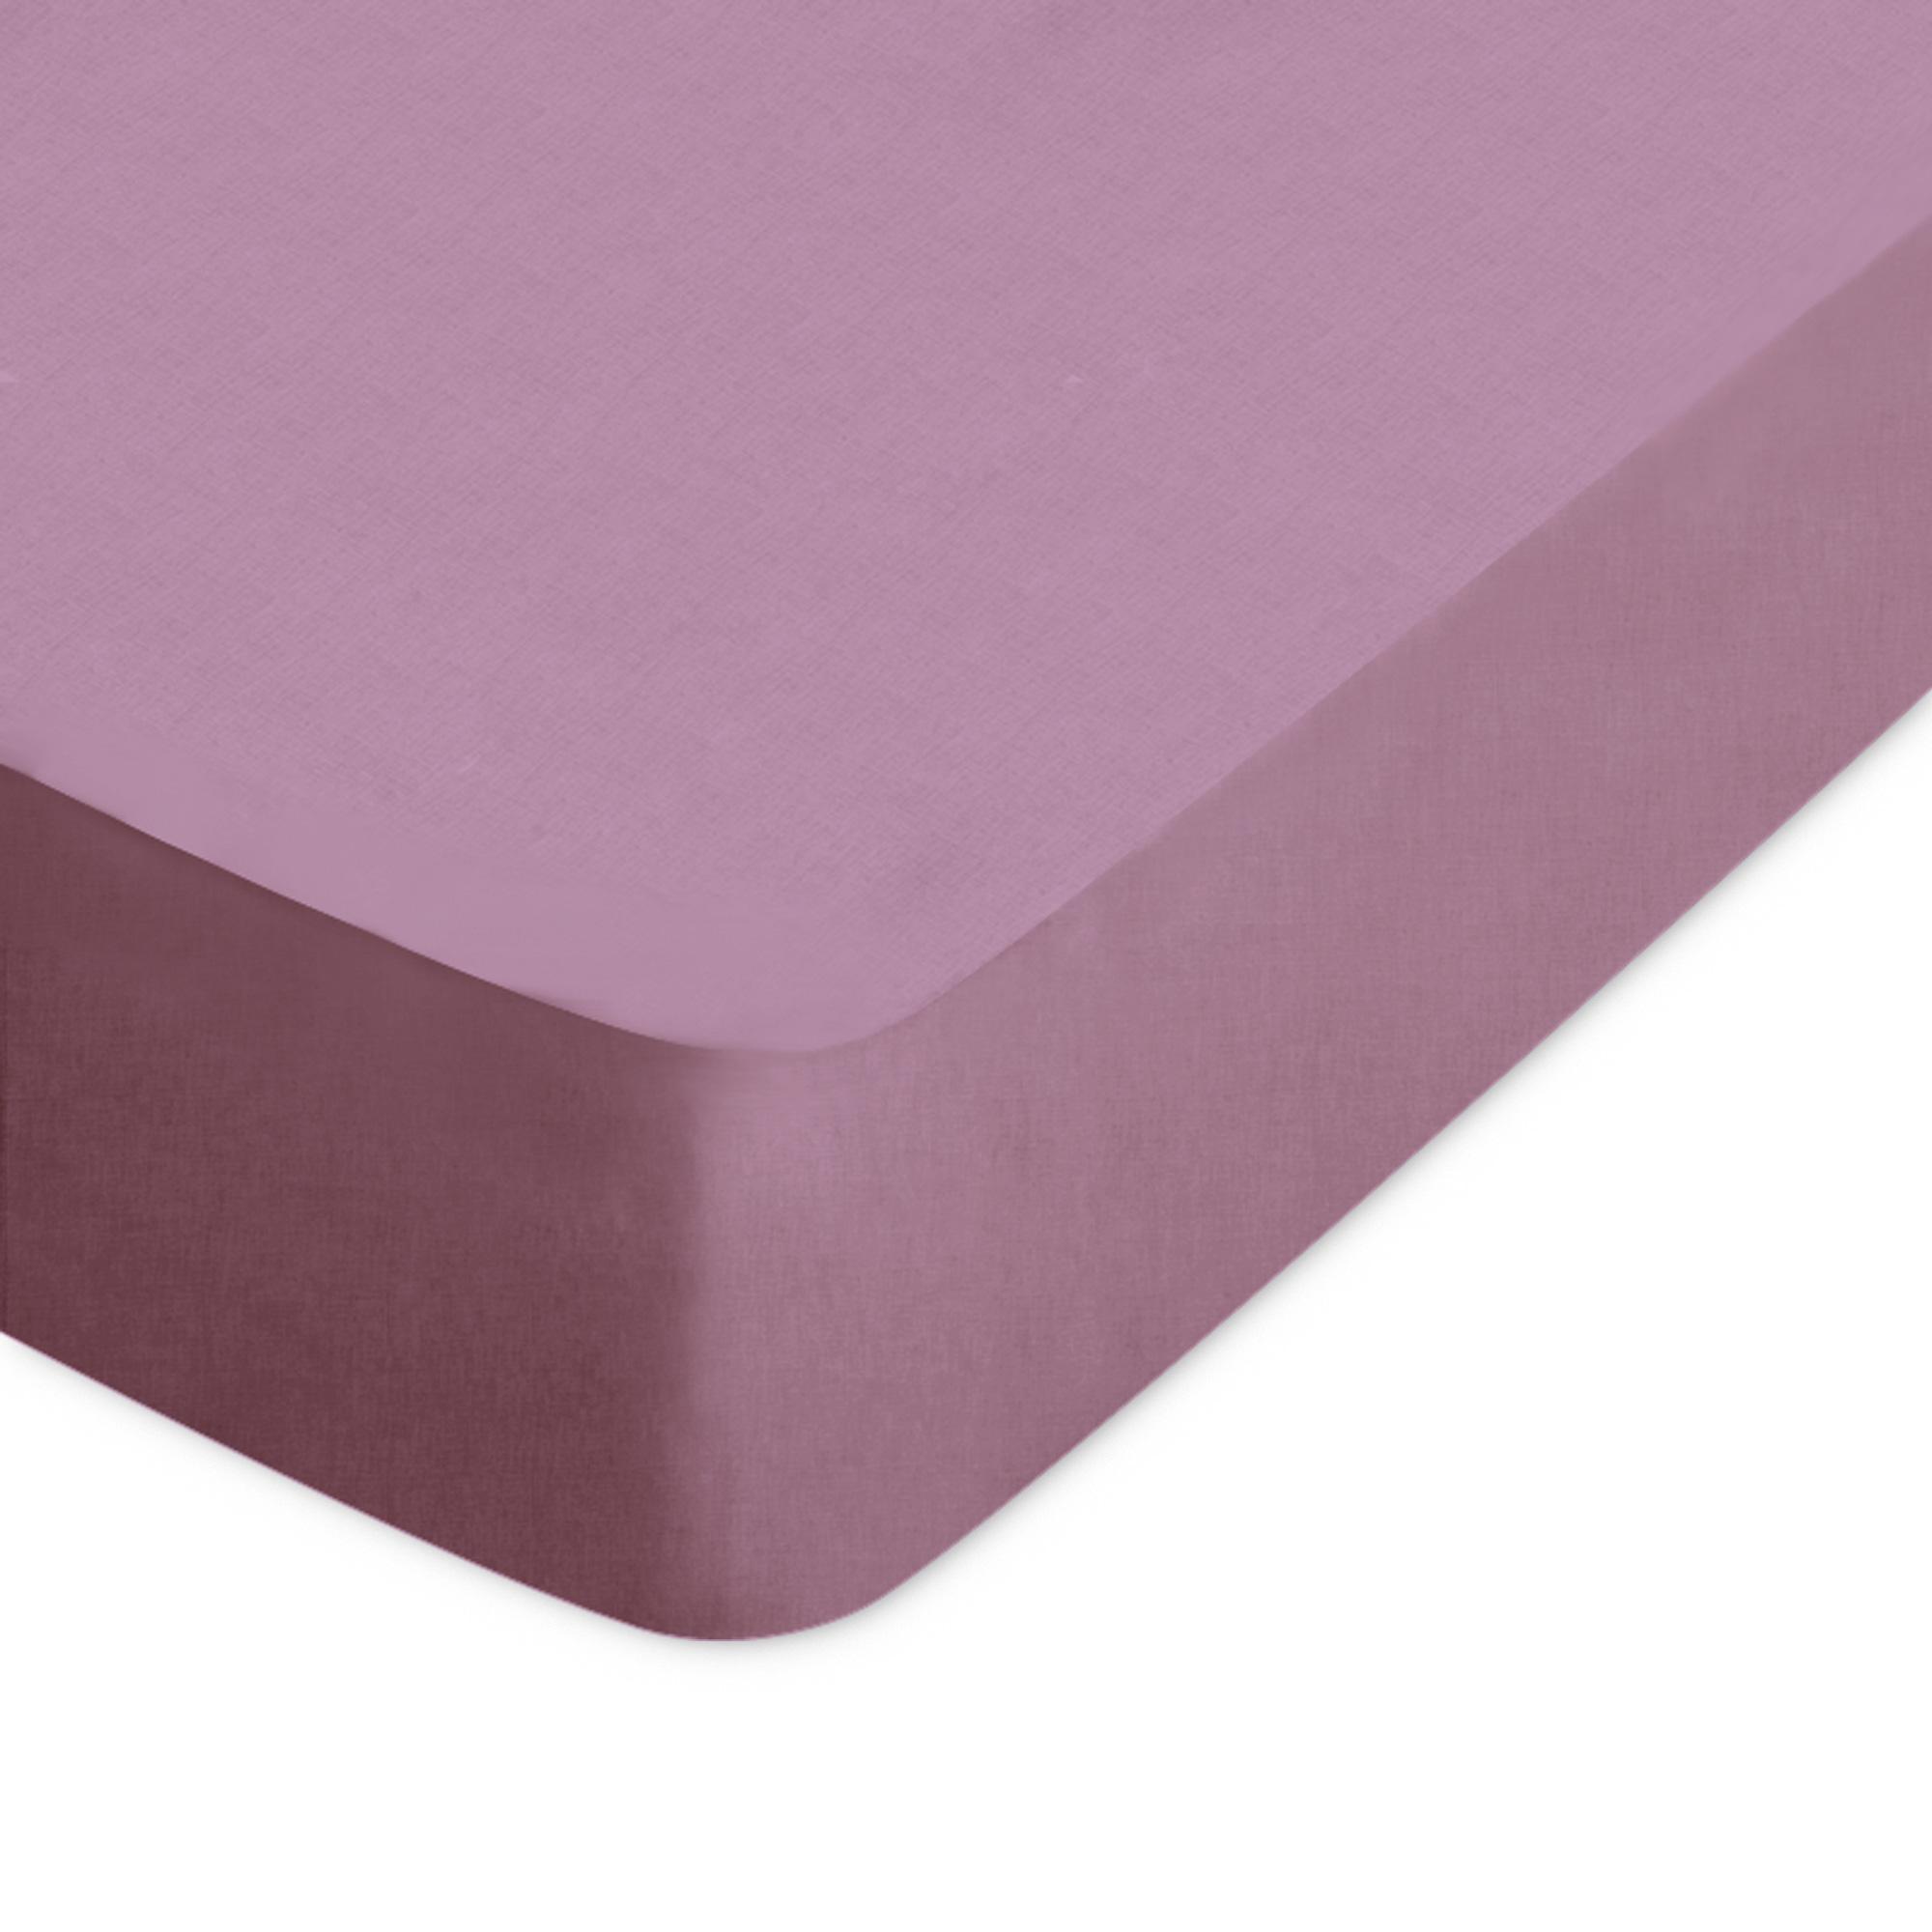 Drap housse 90x200cm uni pur coton ALTO violet